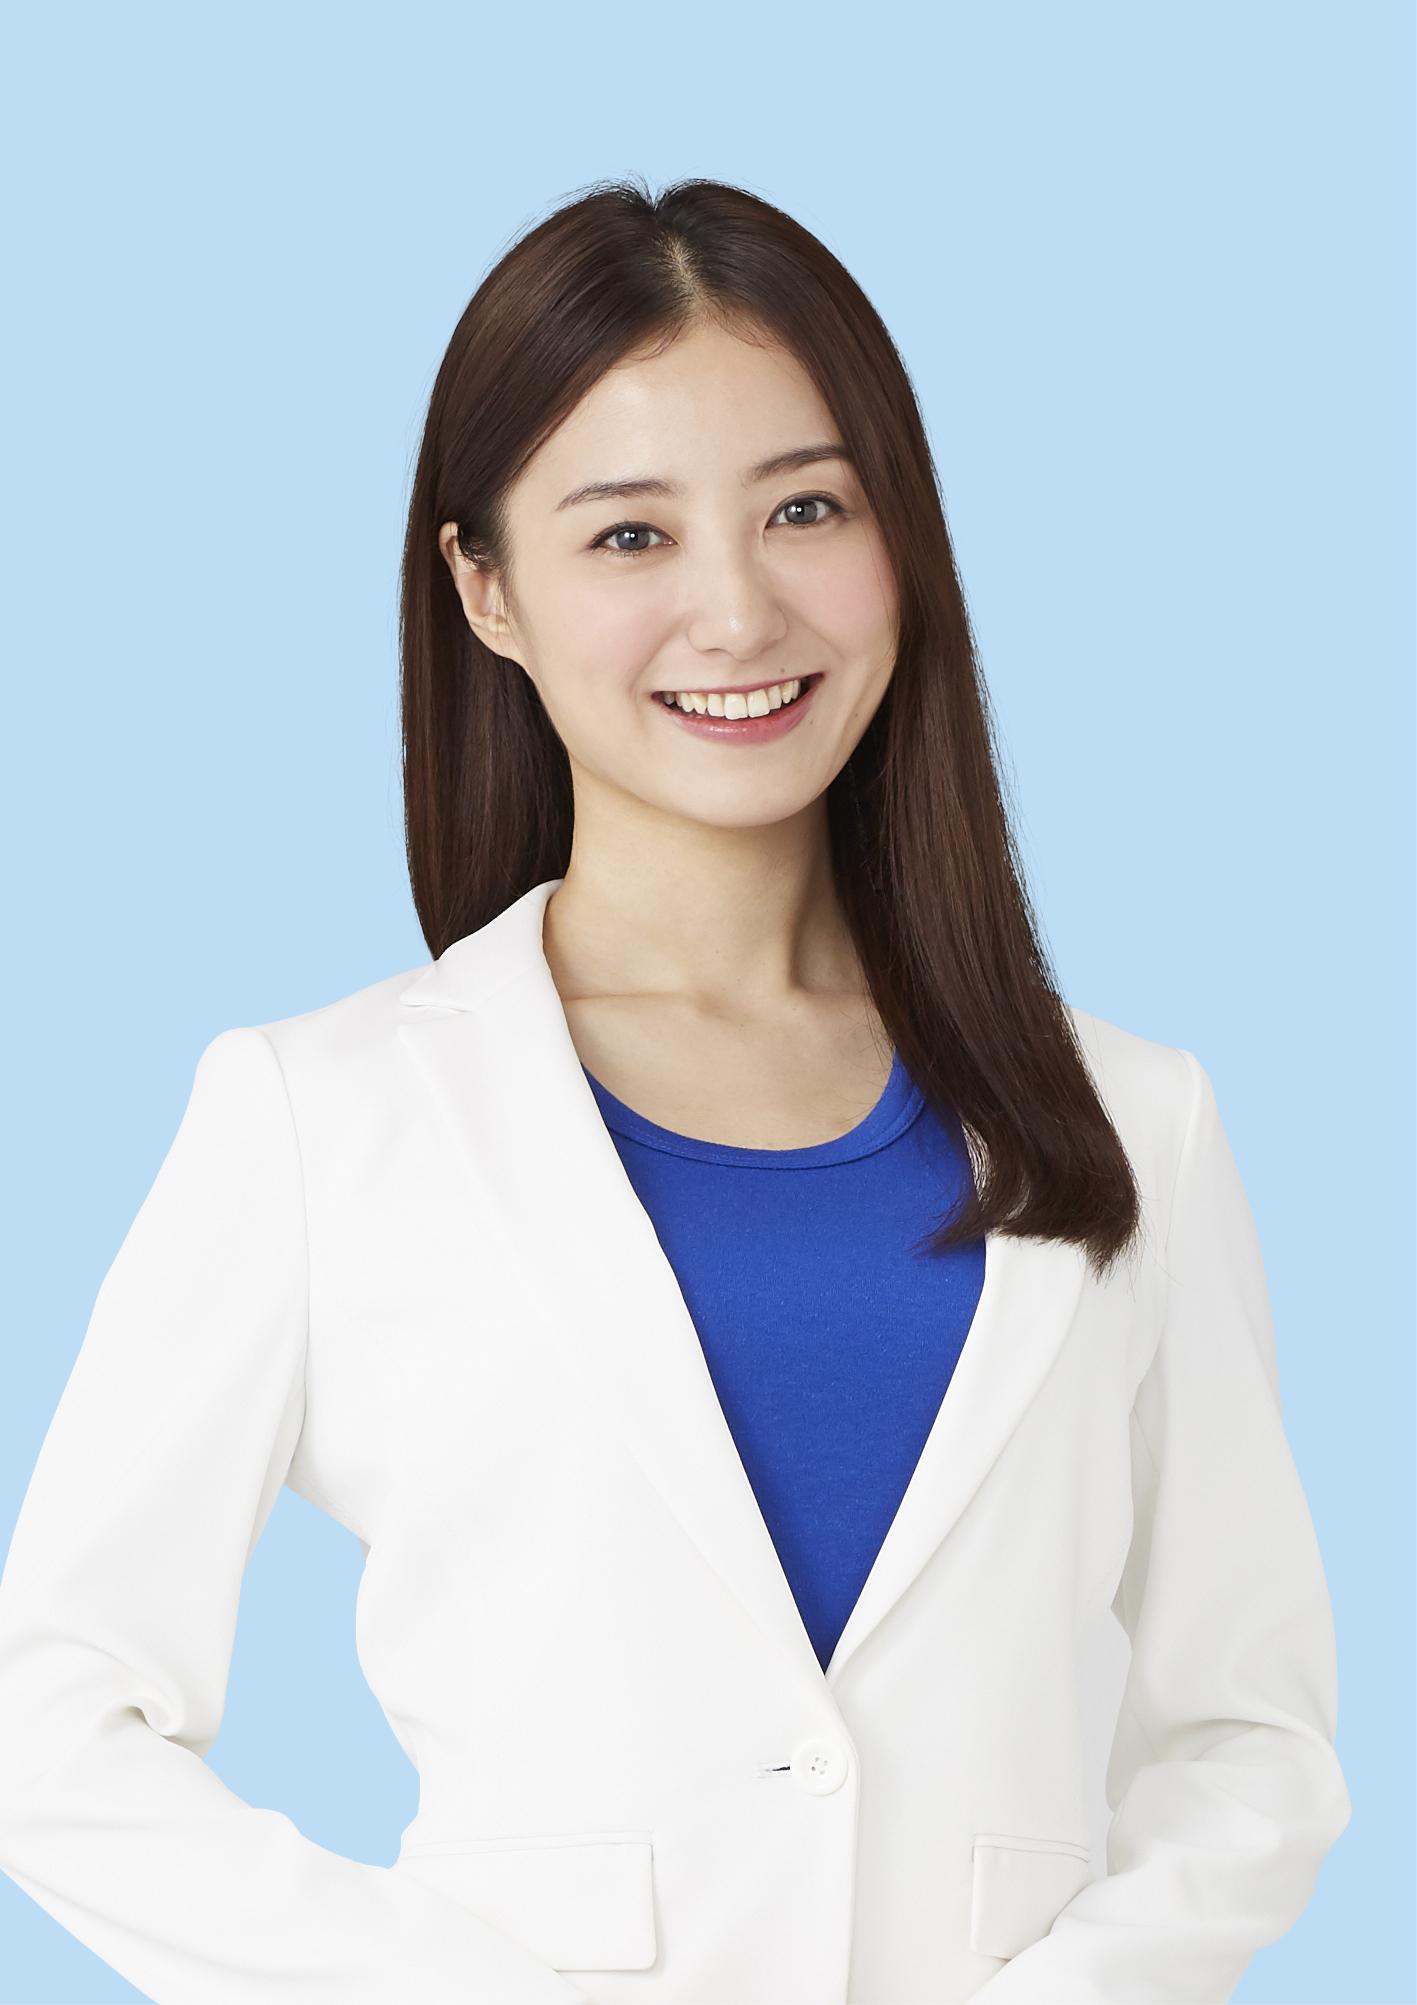 年アサヒビールイメージガール決定第34代イメージガールに 高田 里穂 を起用 明るい笑顔で 日本中の皆様にアサヒビールの魅力を伝えます アサヒビール株式会社のプレスリリース